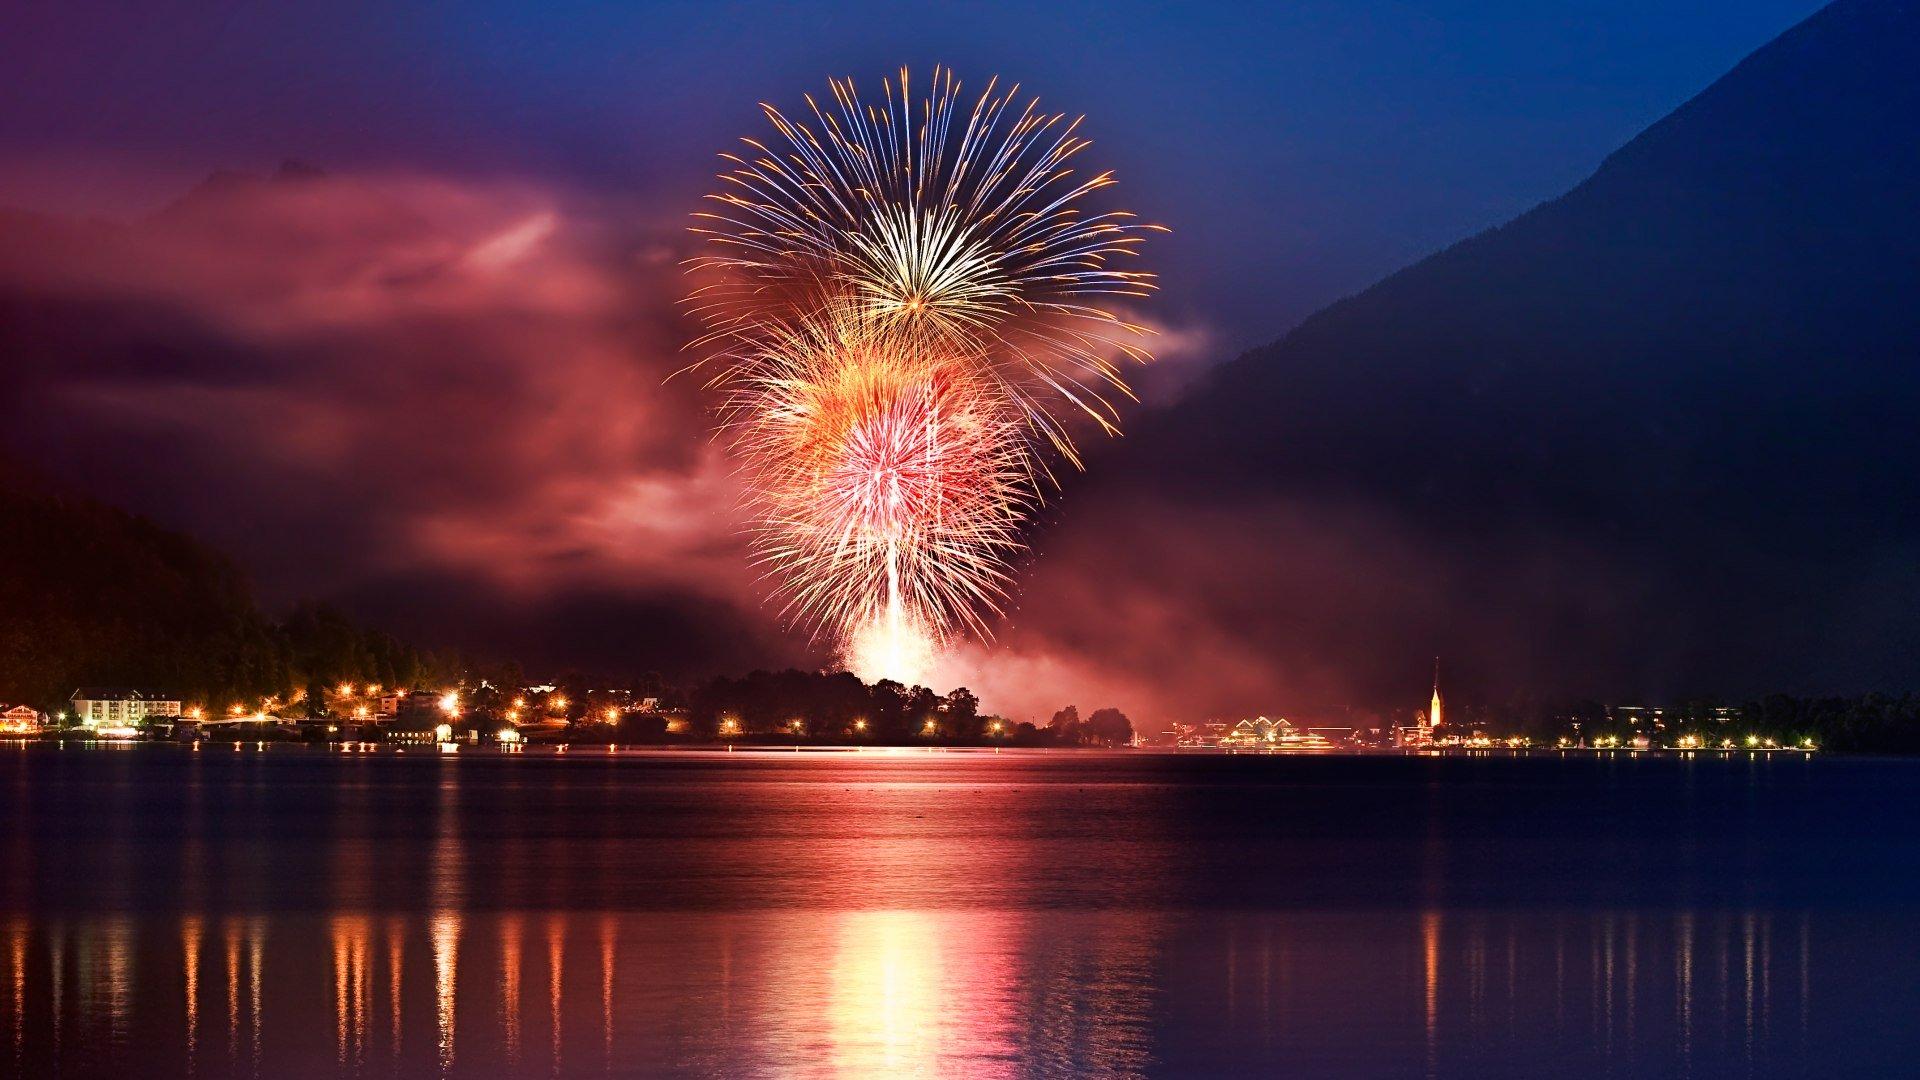 Feuerwerk beim Seefest in Rottach Egern, © Stefan Schiefer